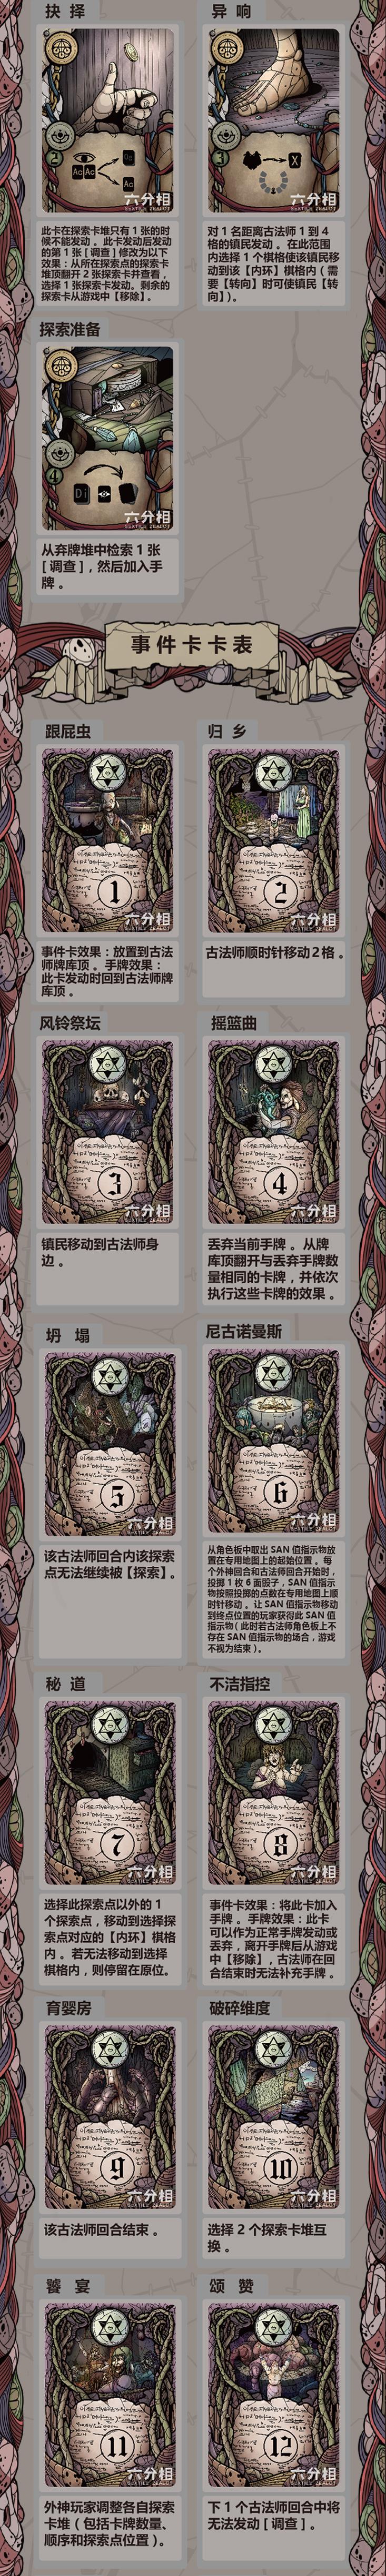 全卡表4_02.jpg